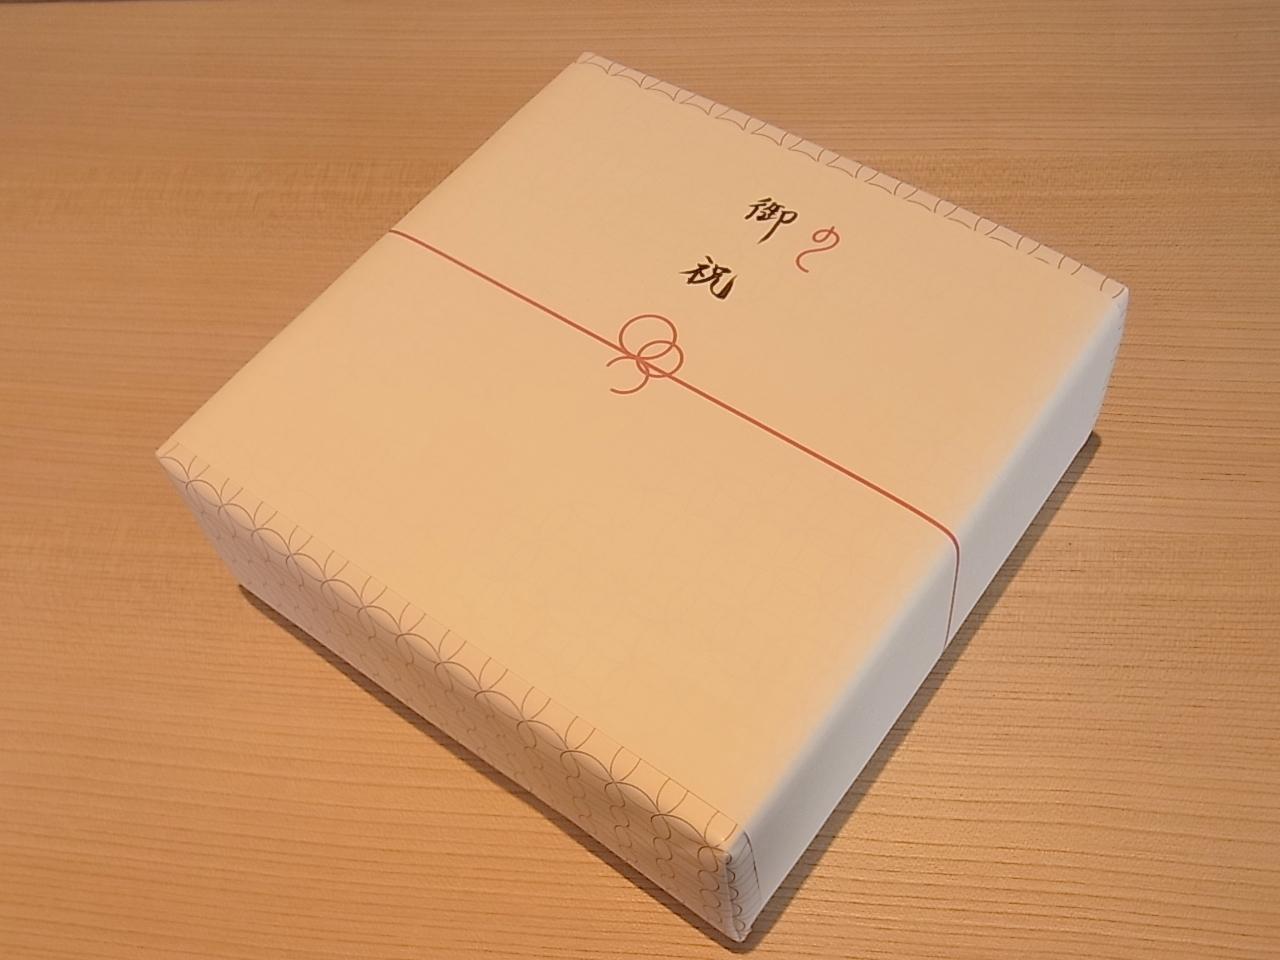 aeru_package